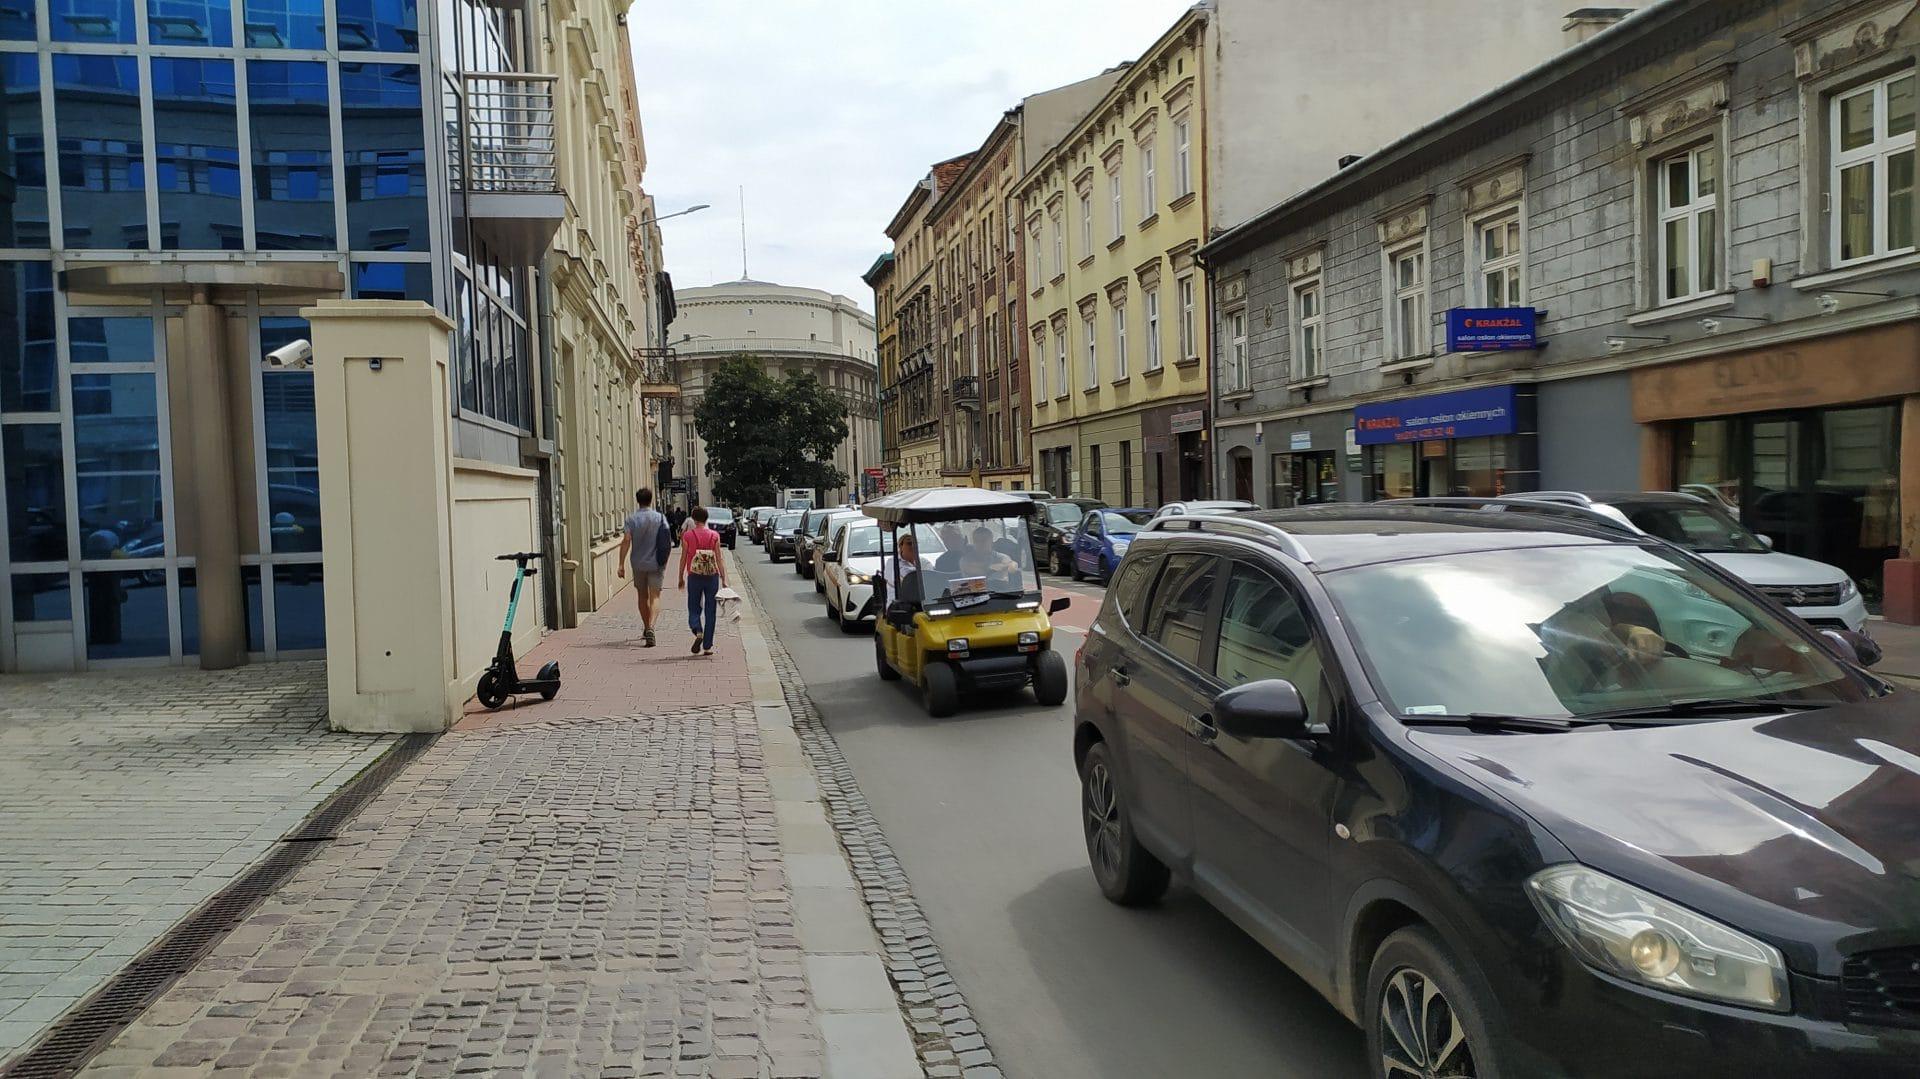 Sklep metalowy pana Piotra znajdziecie przy ulicy Wielopole 5. Jego właściciel przez lata mógł obserwować exodus mieszkańców z centrum Krakowa.